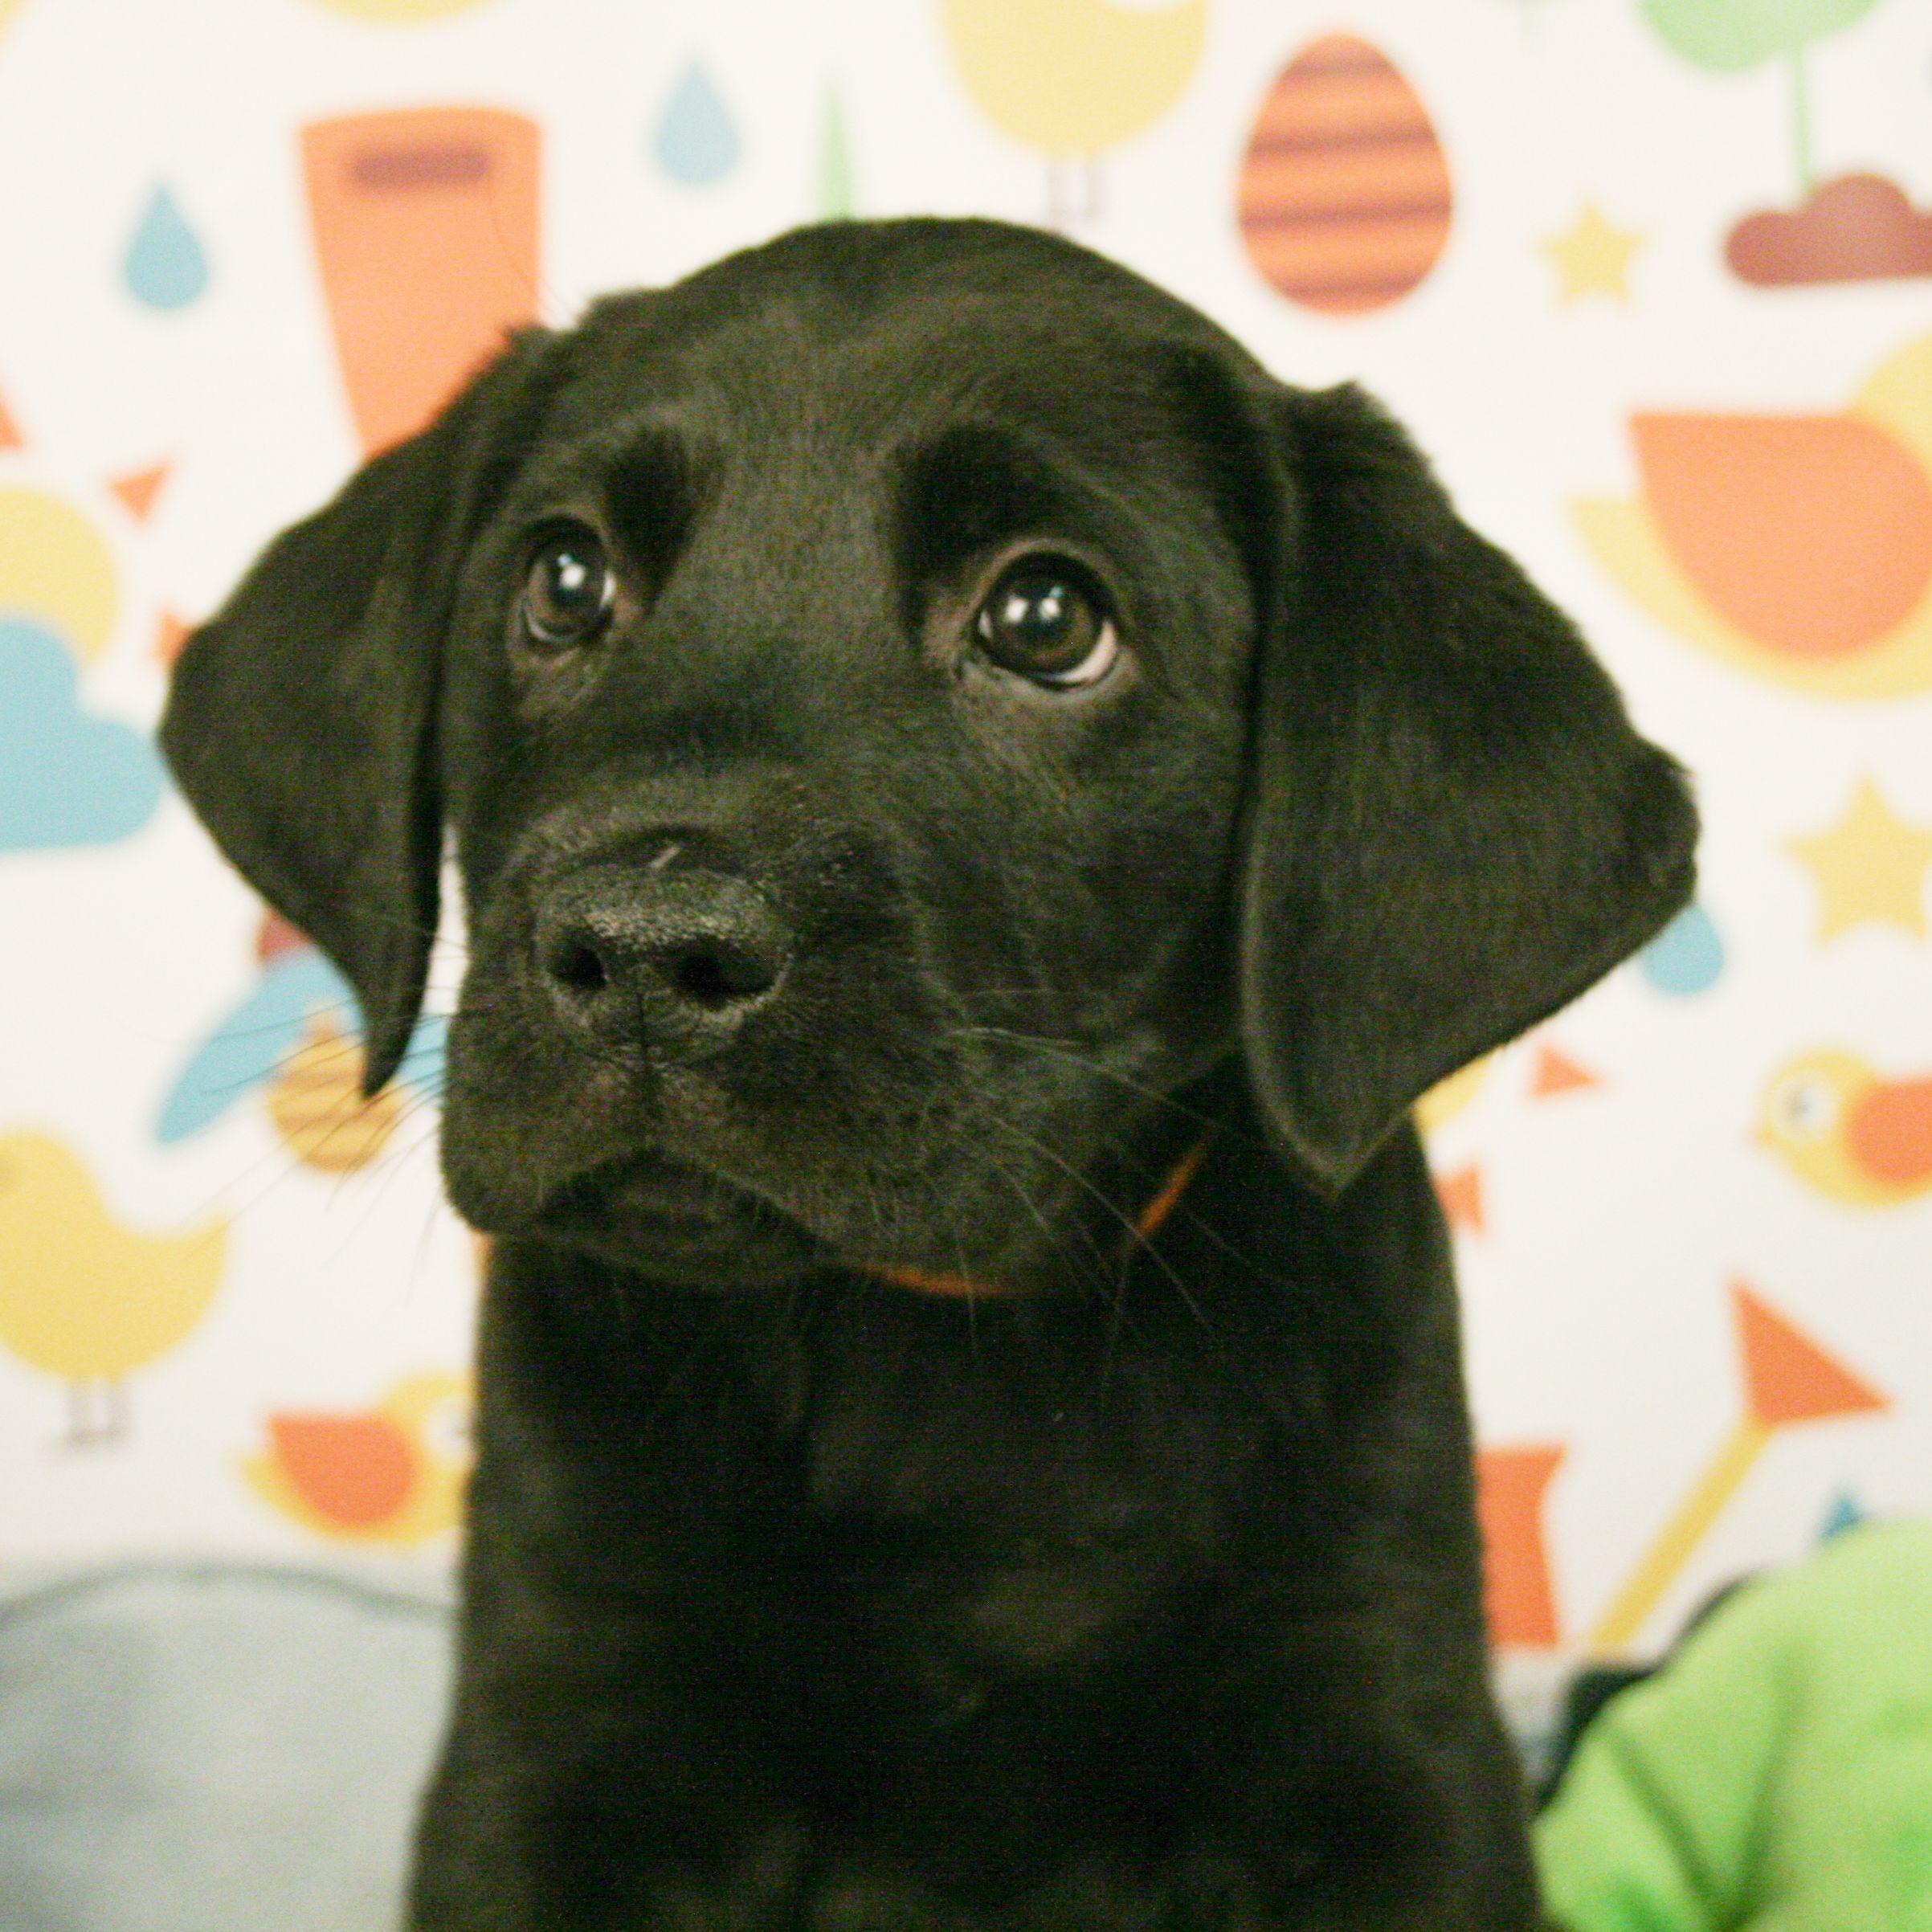 Labrador Retriever Puppies For Sale Puppies Labrador Retriever Labrador Puppy Training